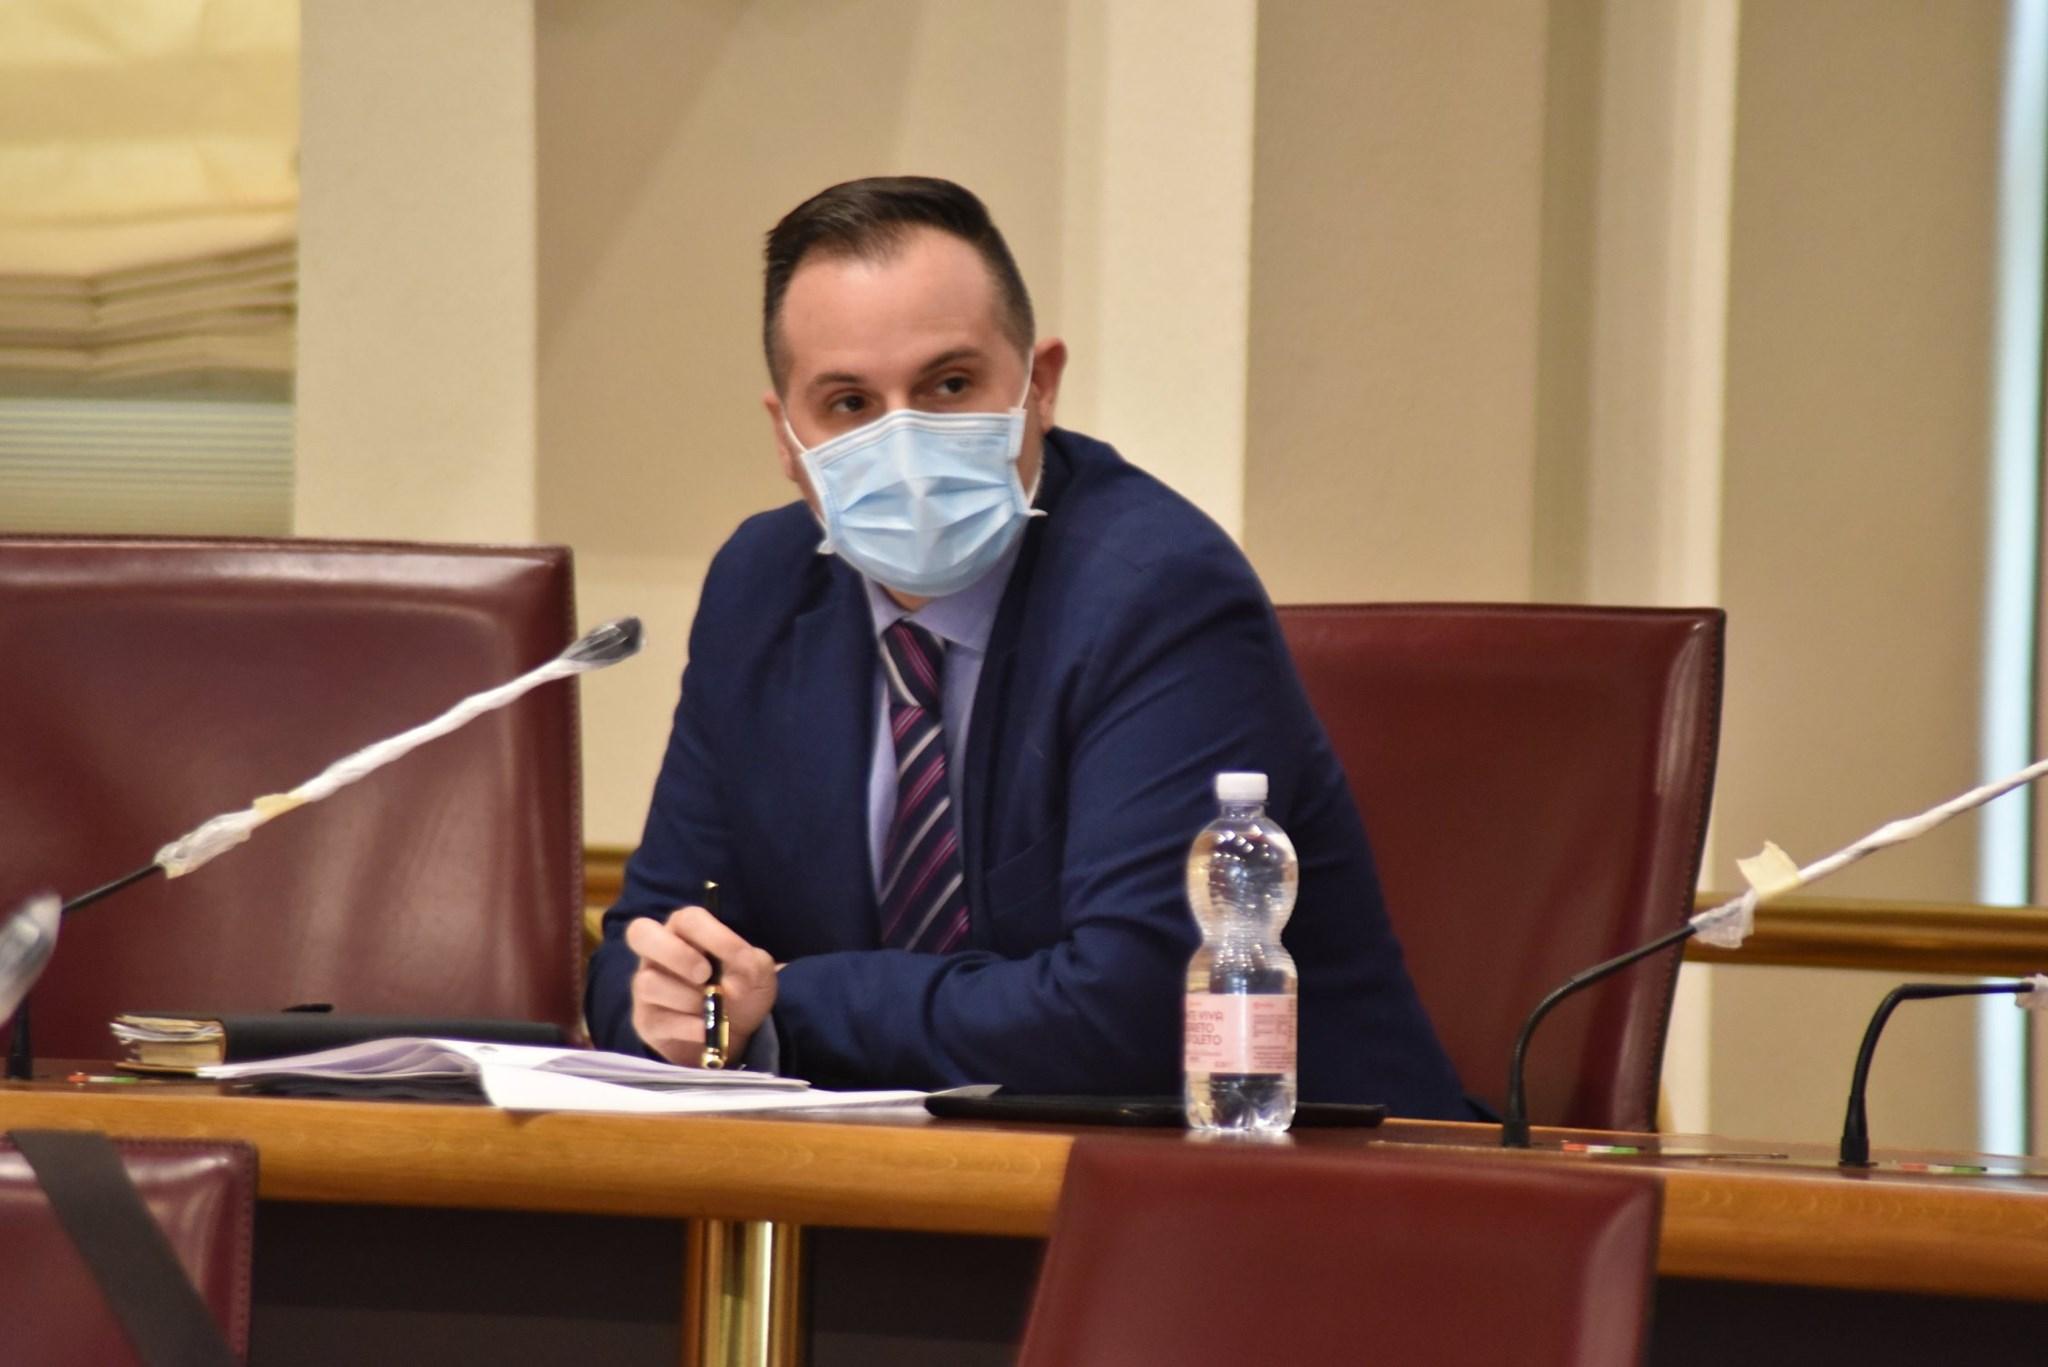 """Stop analisi di tamponi nell'Ospedale di Avezzano. Giorgio Fedele: """"Ennesimo fallimento della gestione della sanità marsicana a trazione Lega, FDI e Forza Italia"""""""